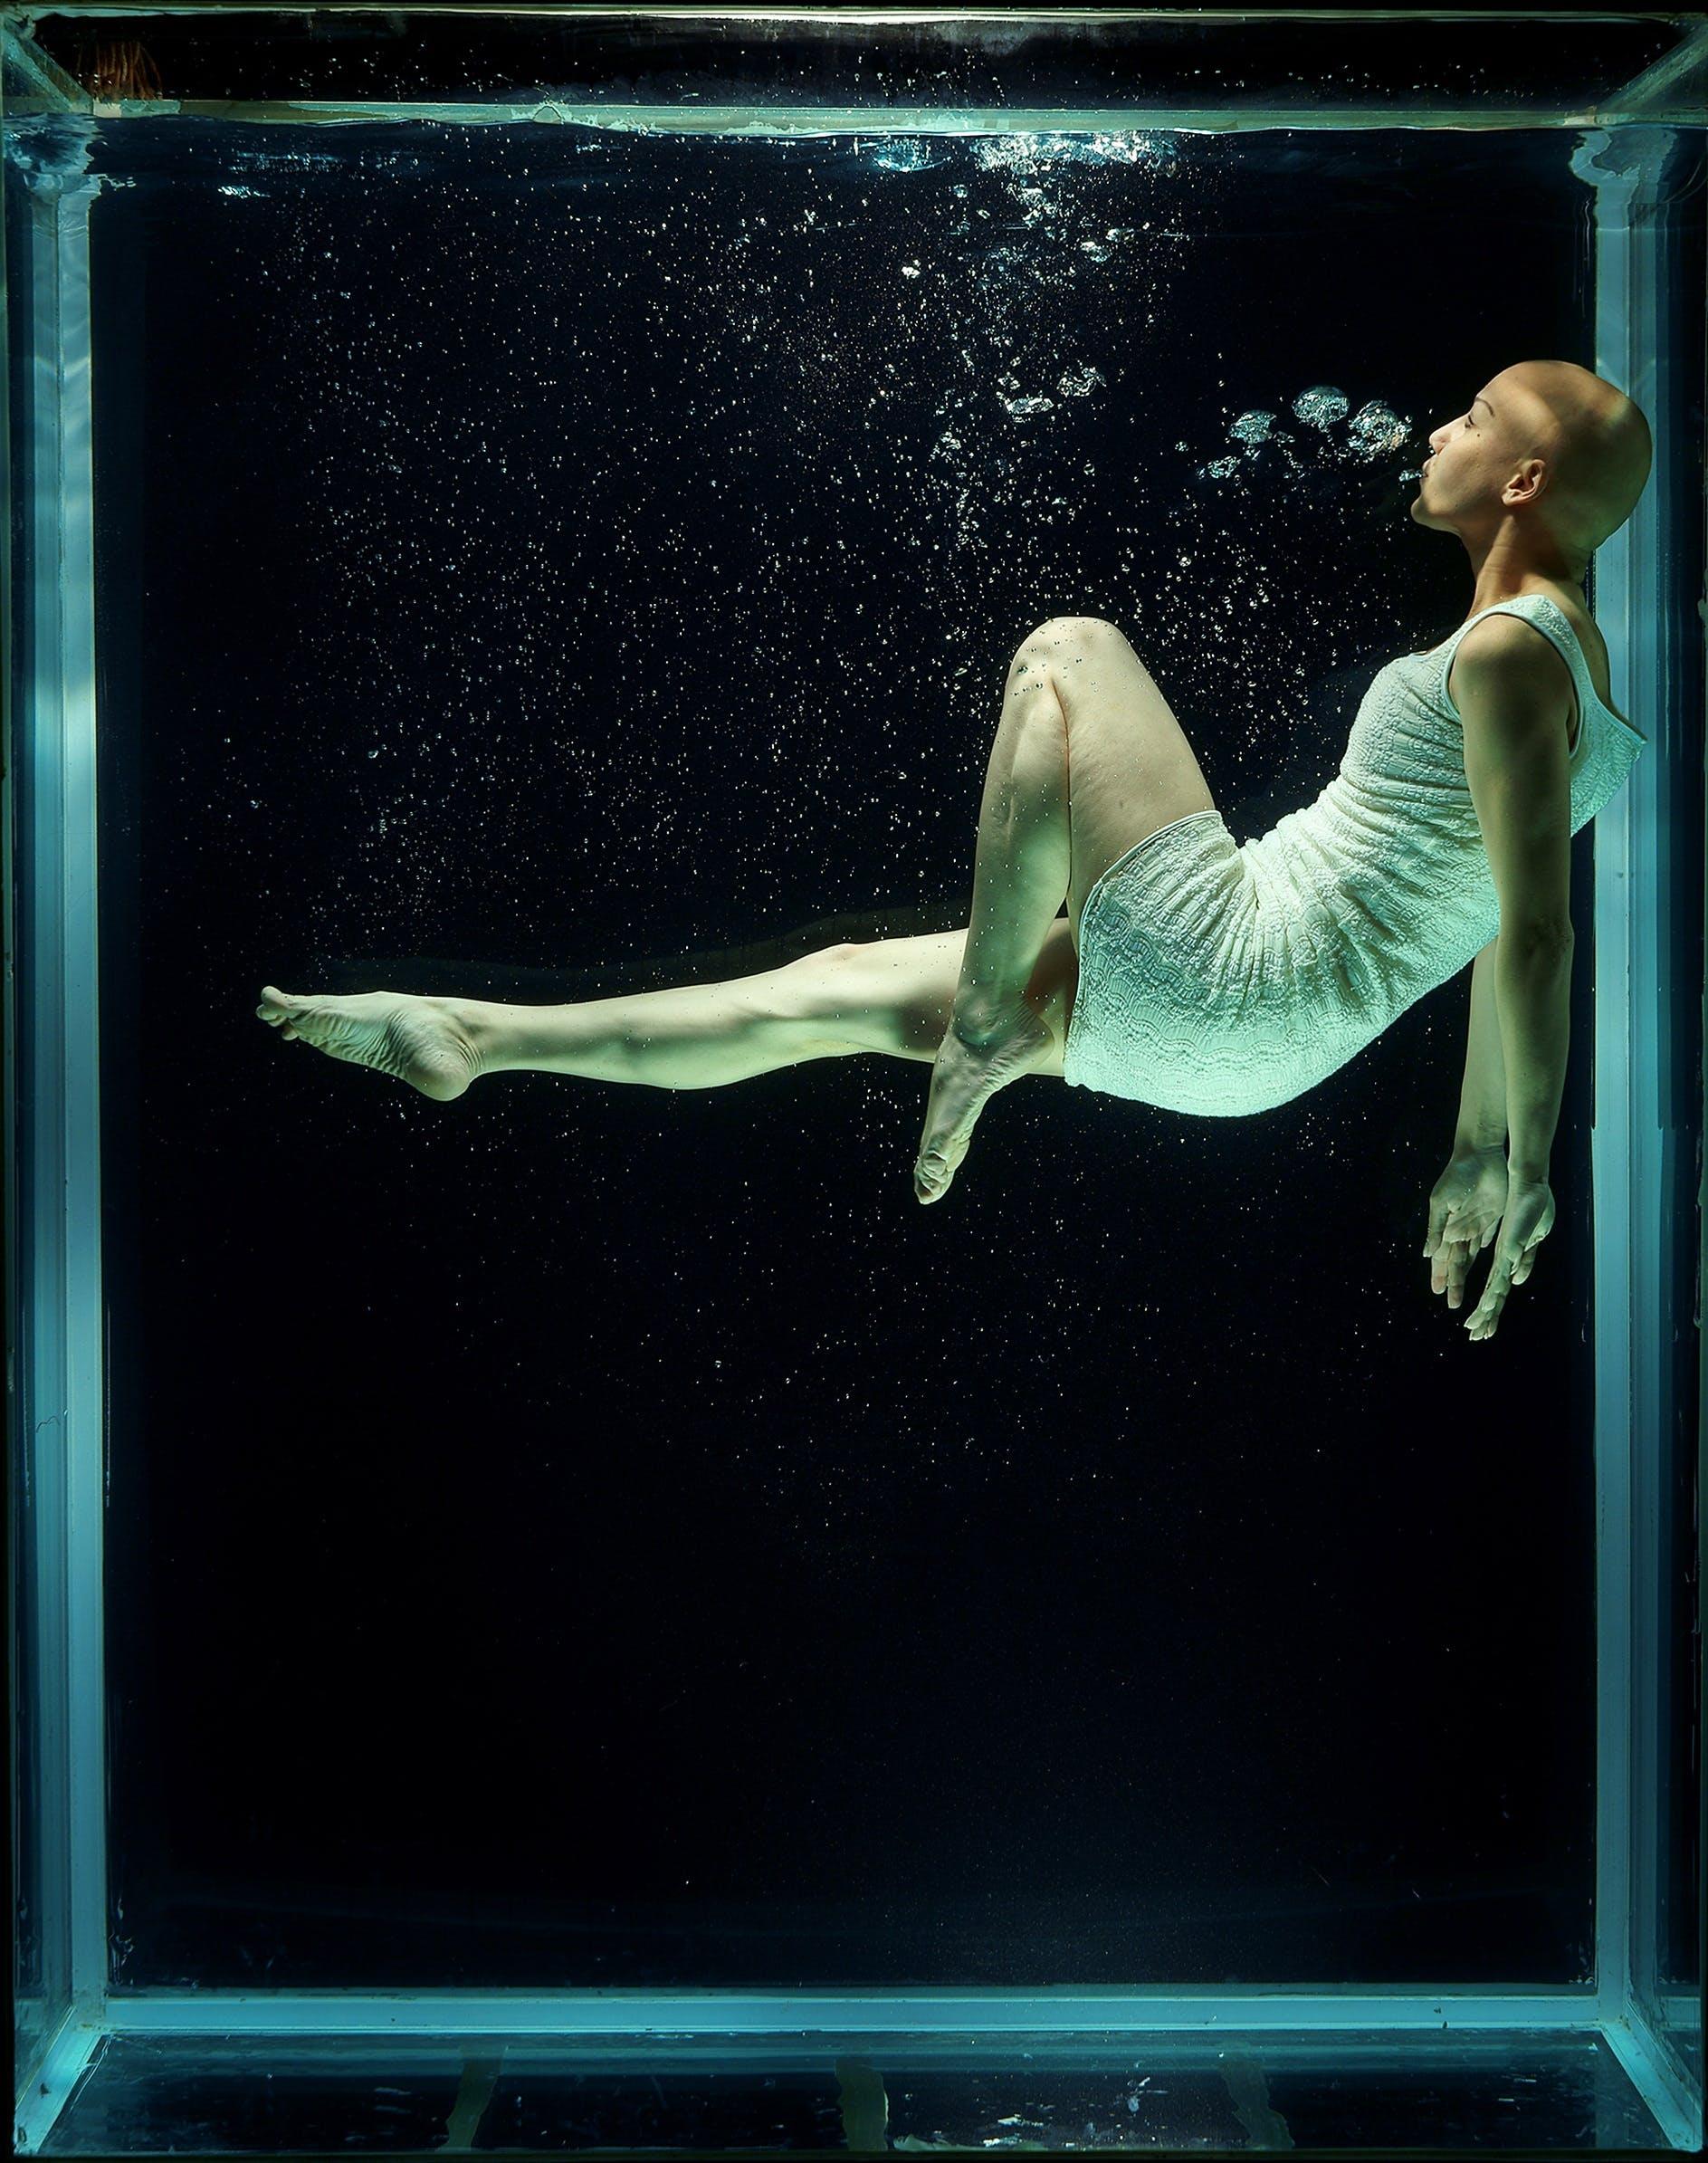 Woman Floating in Aquarium